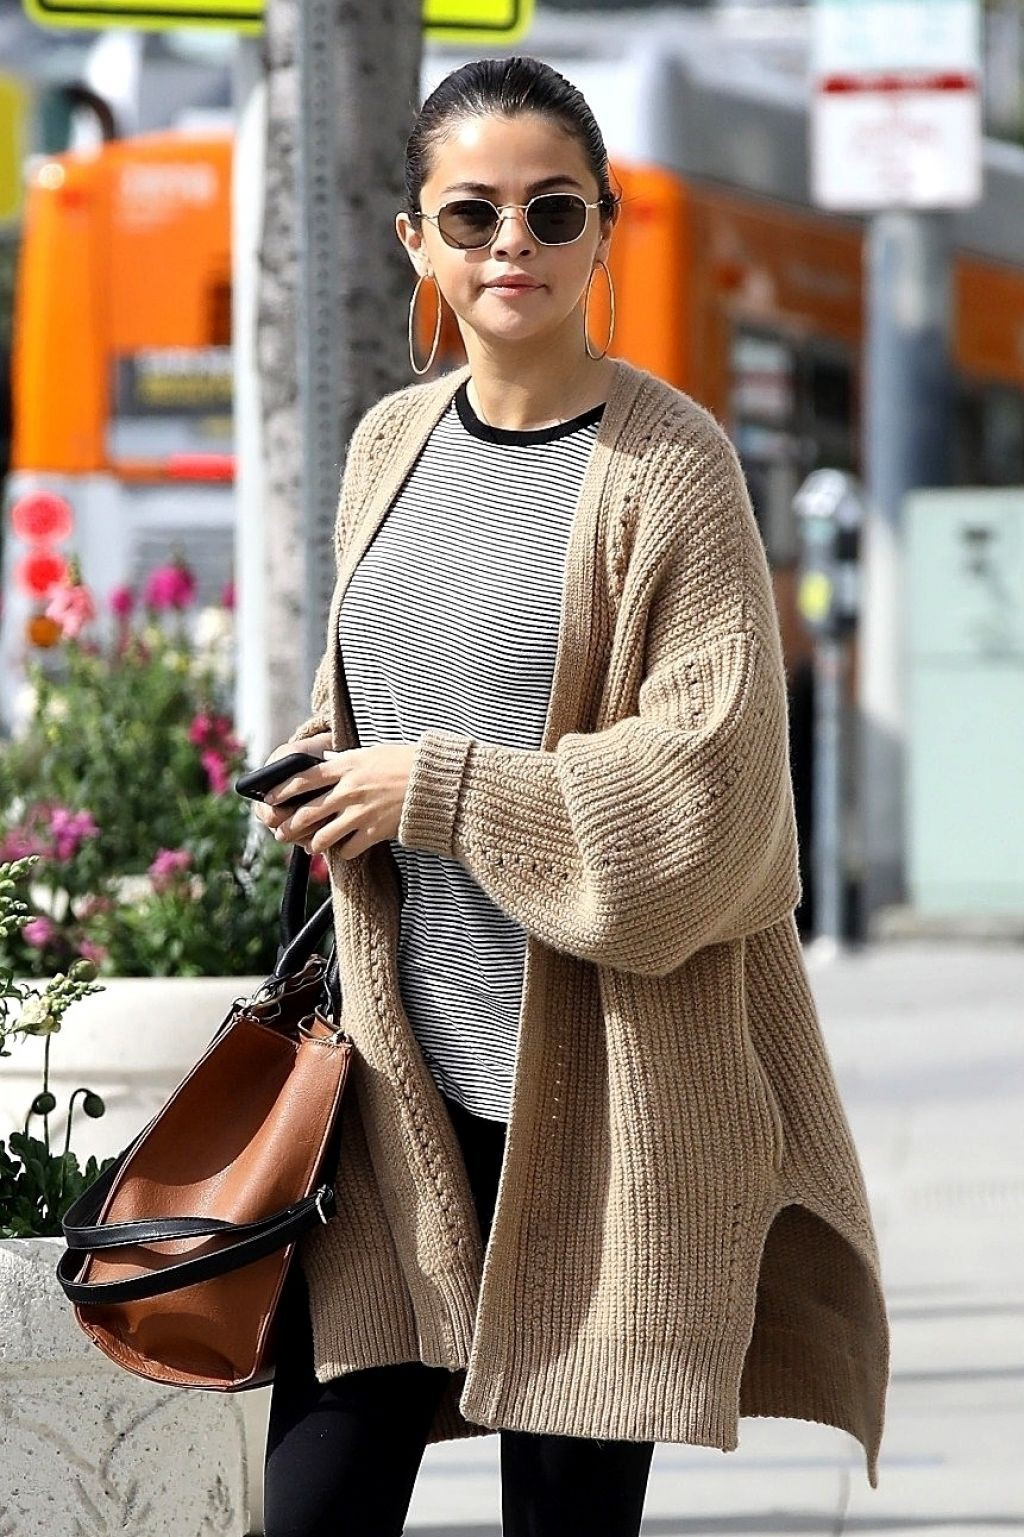 Hóa ra các sao cũng mặc lại đồ như chúng ta: Selena Gomez đi boot cọc cạch, diện cùng một chiếc cardigan với 2 style khác nhau trong 2 ngày liên tiếp - Ảnh 1.